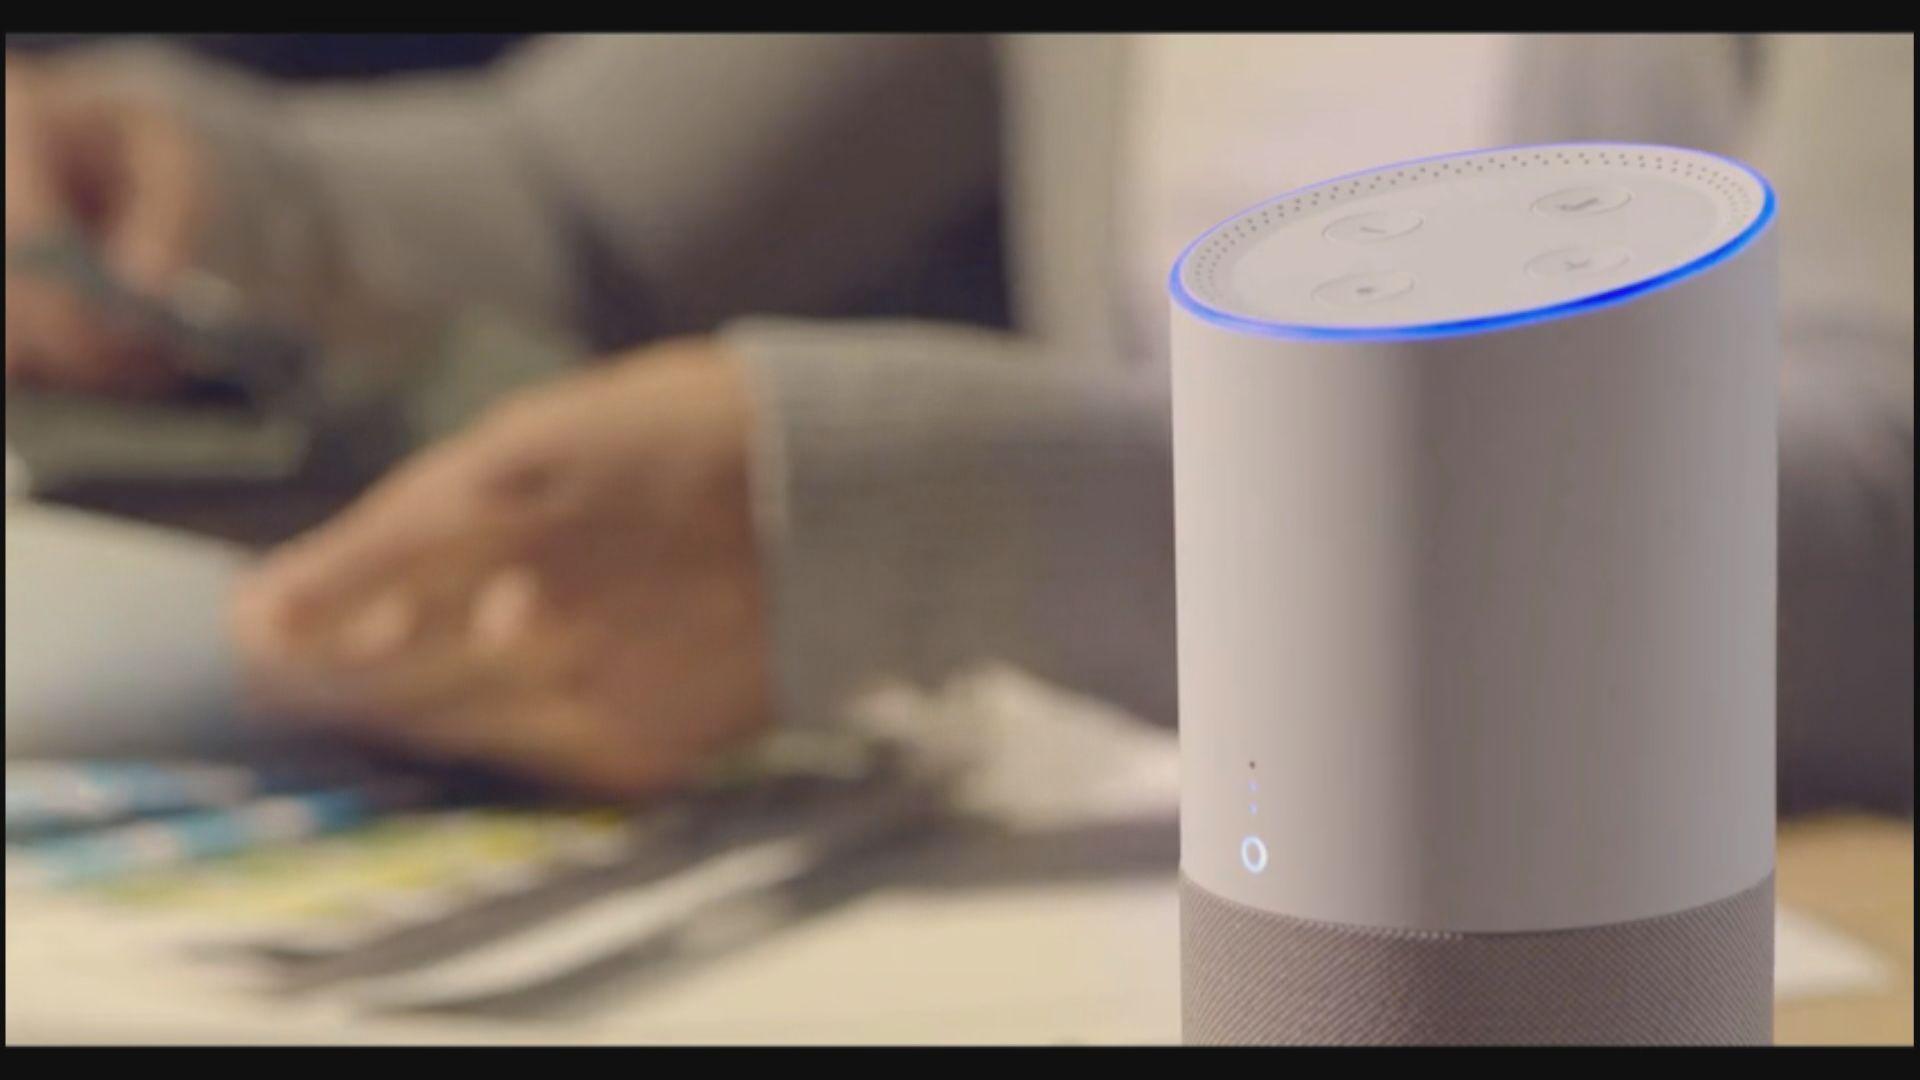 【傳叫停首款智能音箱】騰訊:銷售及服務不變